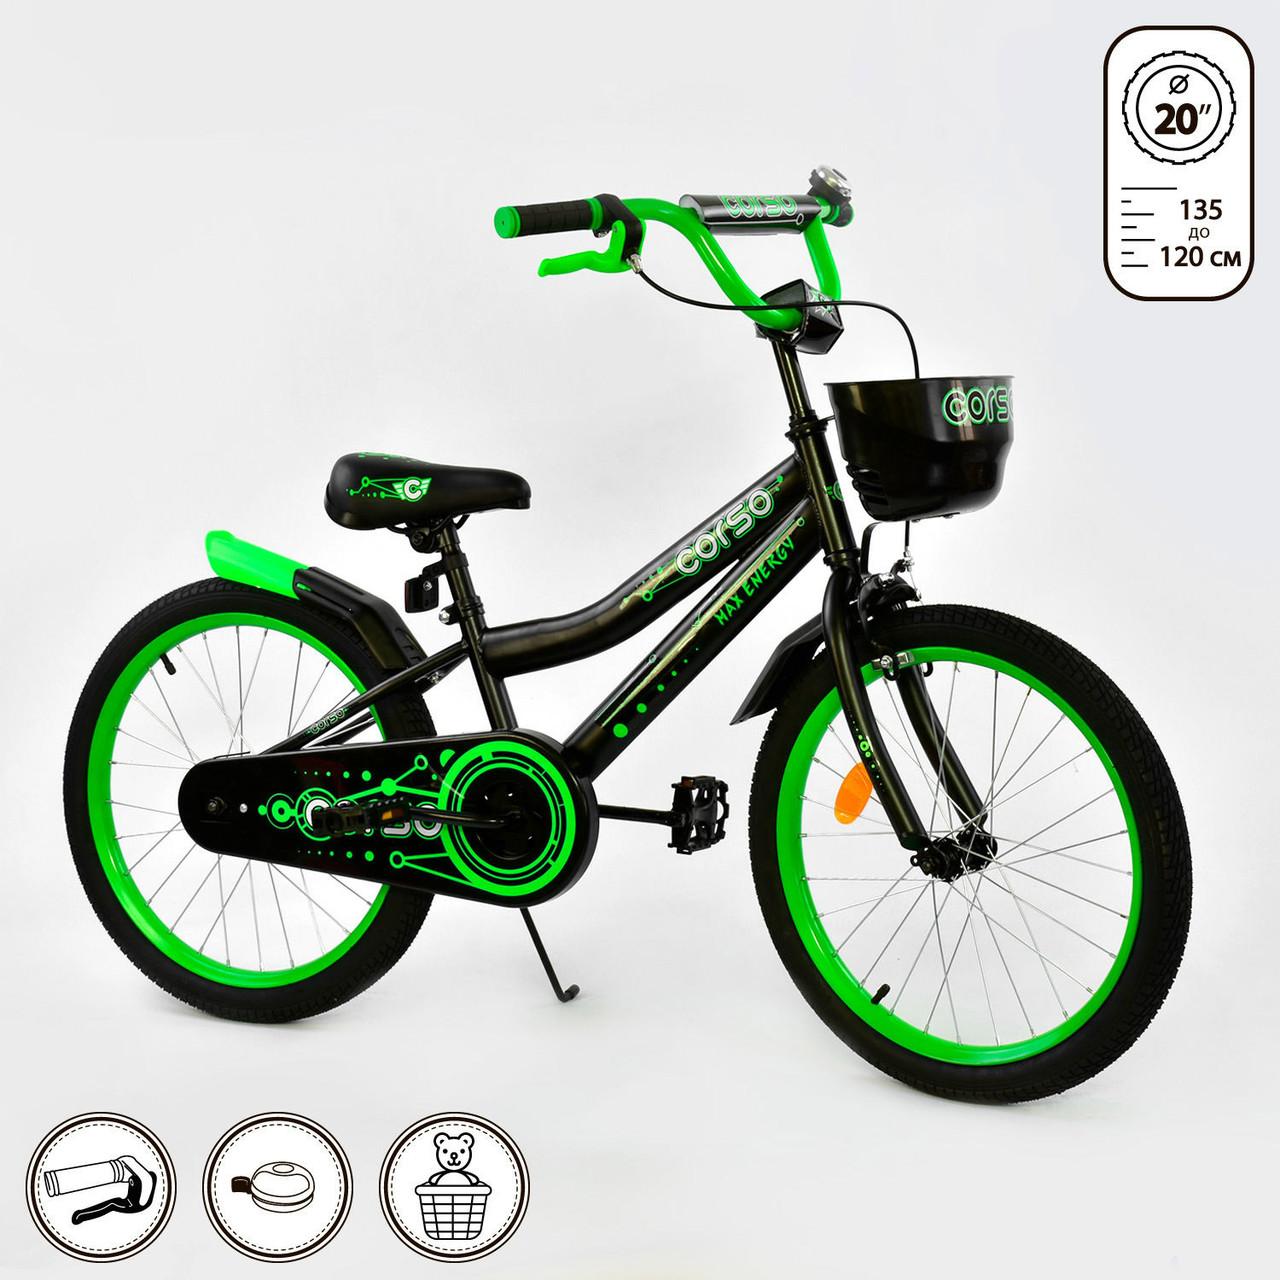 """Велосипед 20"""" дюймов 2-х колёсный R - 20651 """"CORSO"""" черный Гарантия качества Быстрая доставка"""